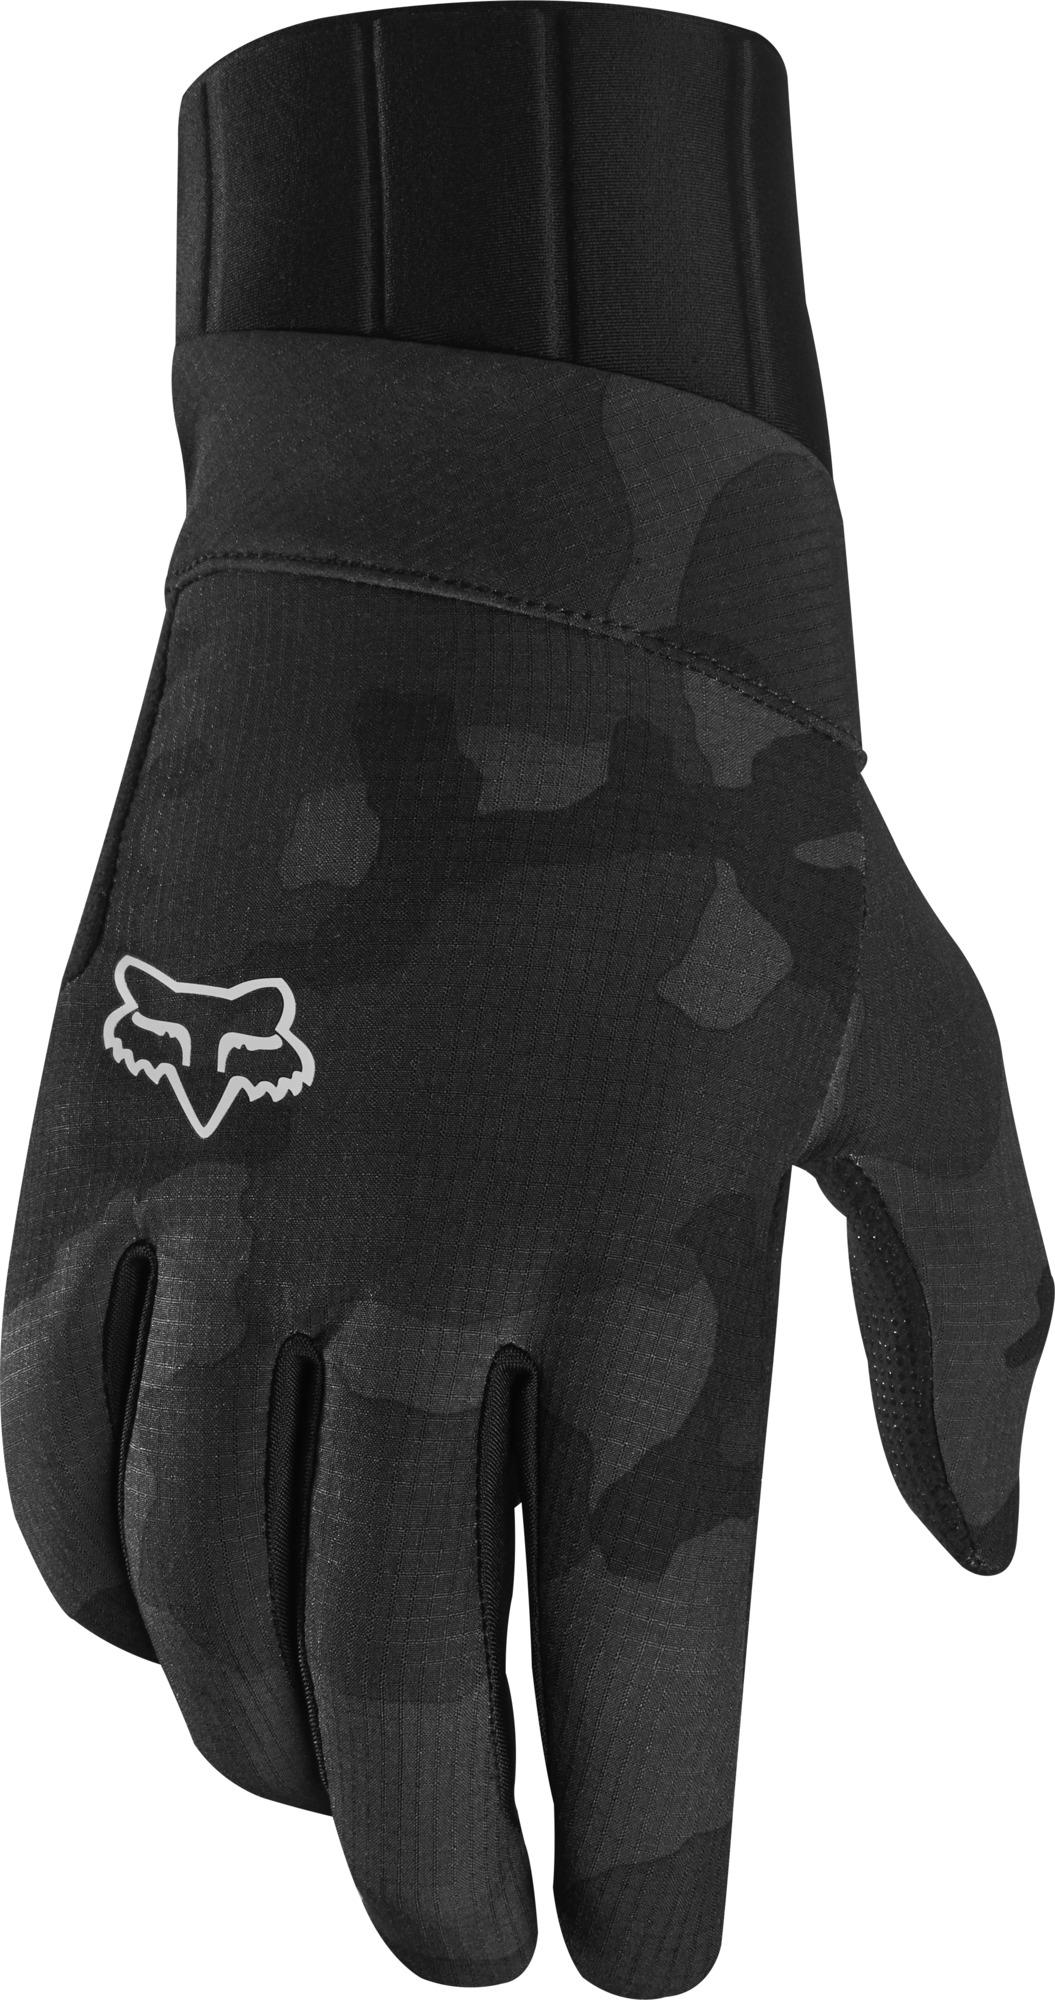 Fox Defend Pro Fire Glove Black Camo